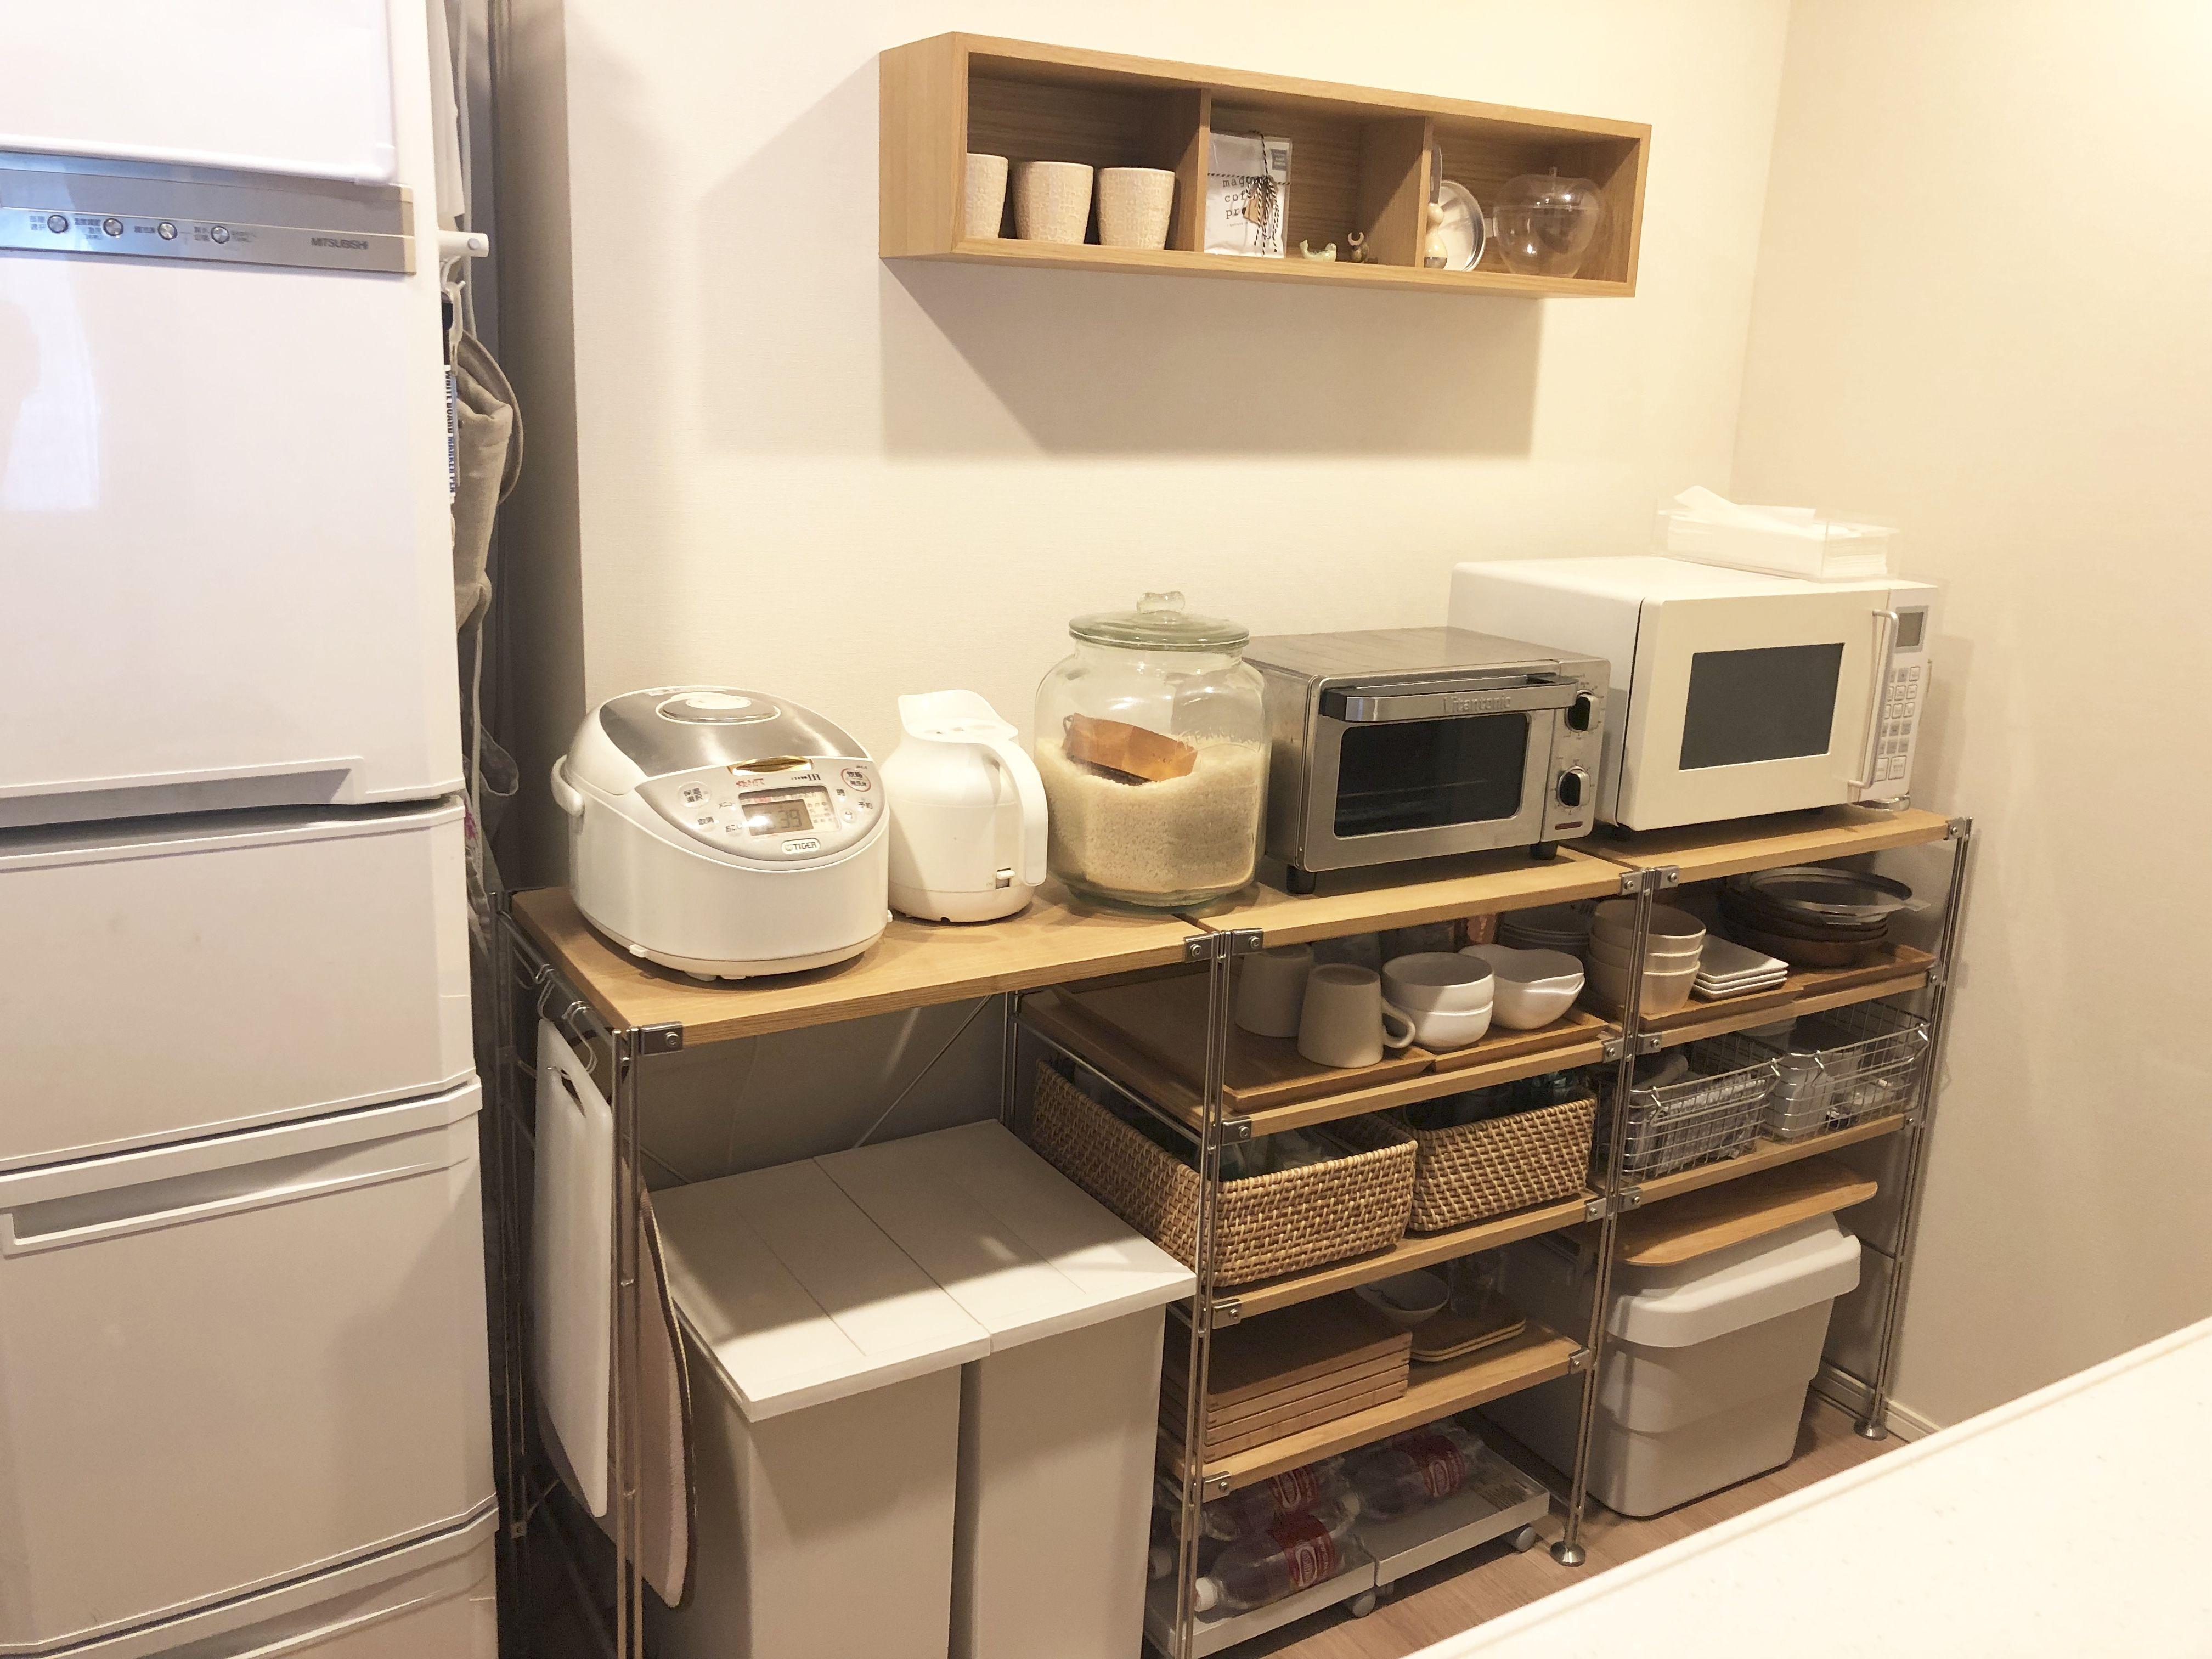 無印良品 ステンレスユニットシェルフでキッチン収納 ここから